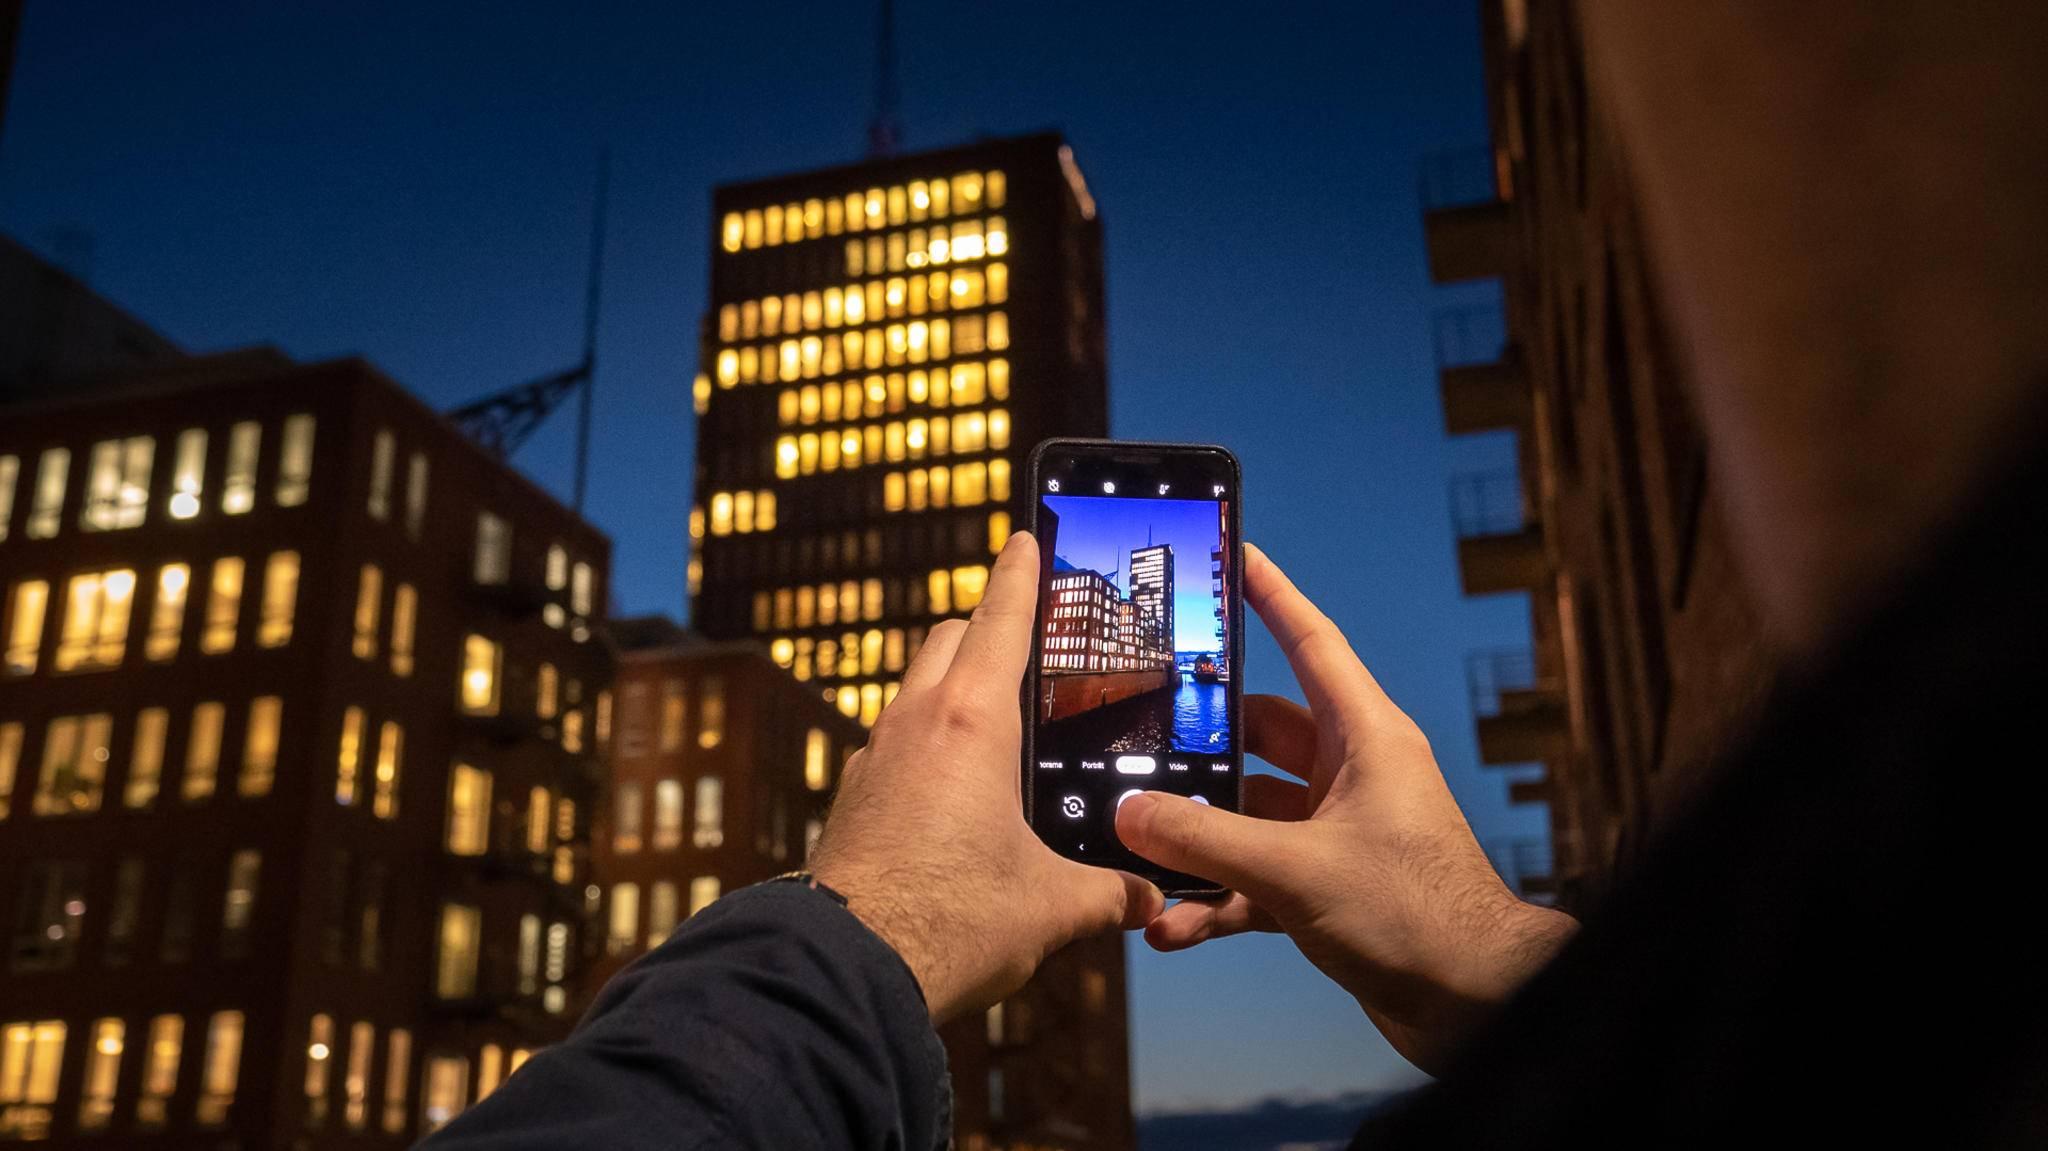 Mit dem Pixel 3 revolutioniert Google die Smartphone-Fotografie.